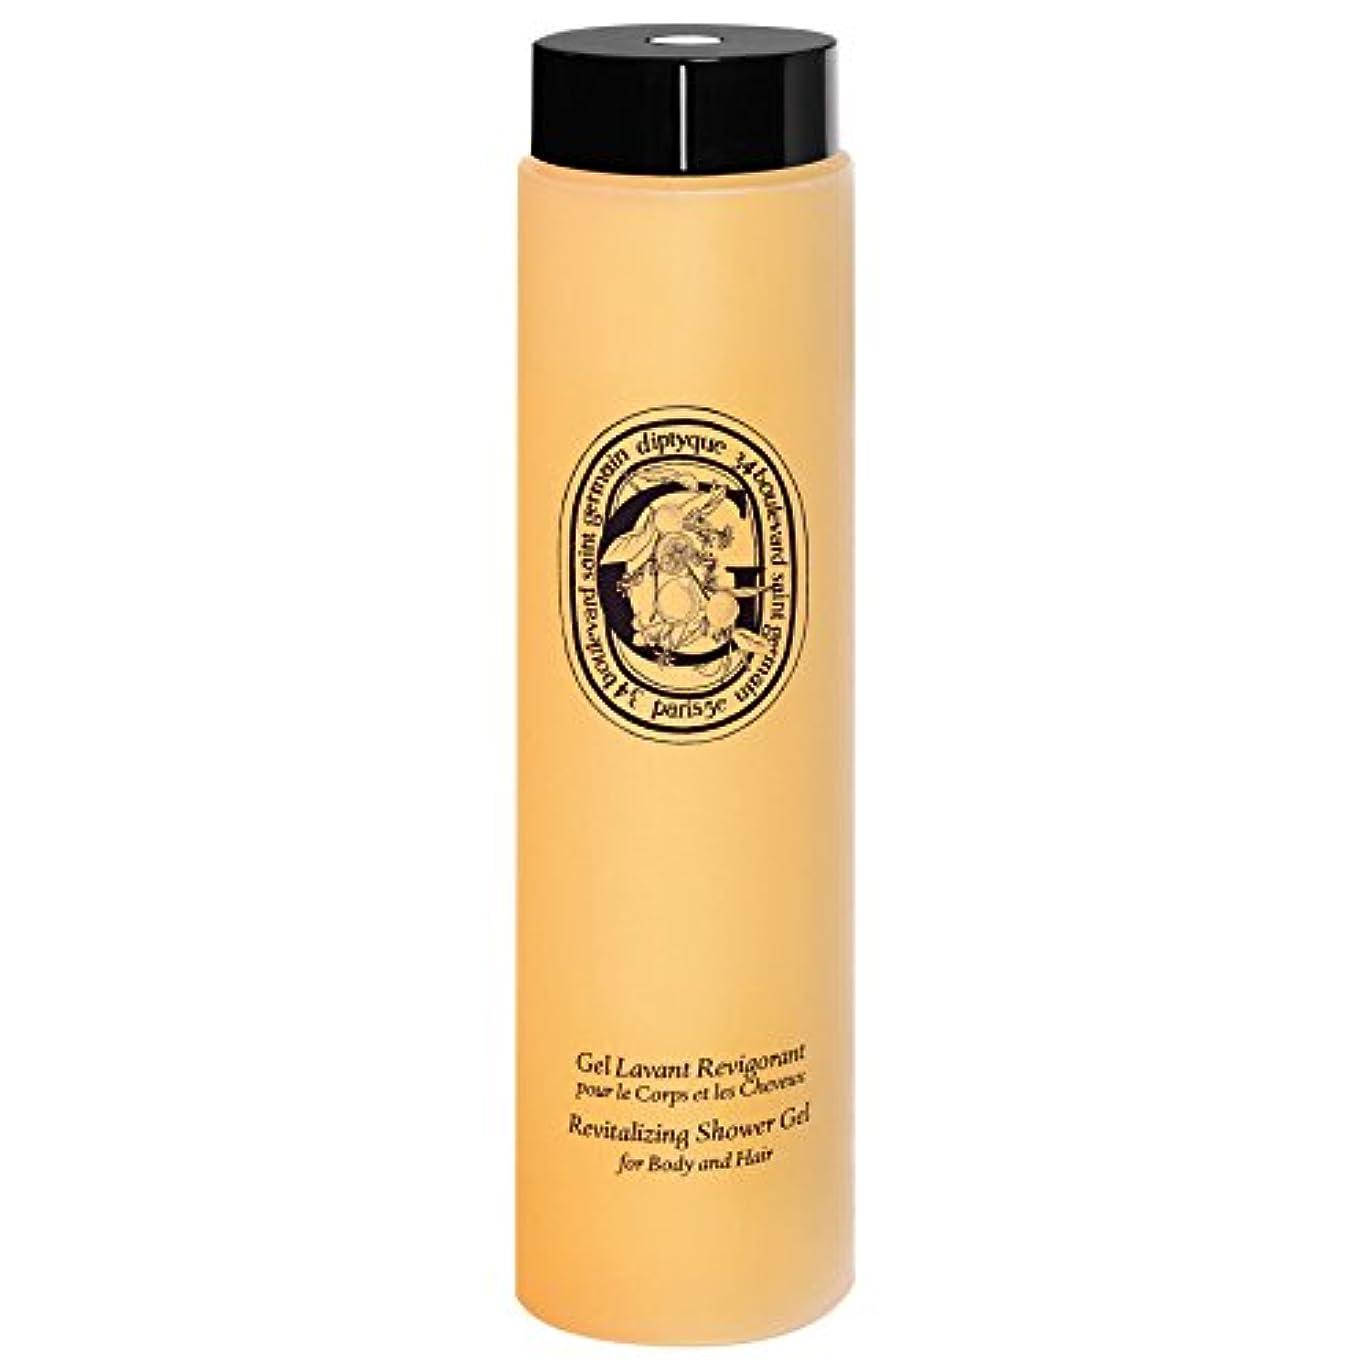 むちゃくちゃシート延期する[Diptyque] ボディ、ヘア200ミリリットルのためDiptyqueのリバイタライジングシャワージェル - Diptyque Revitalising Shower Gel For Body And Hair 200ml [並行輸入品]